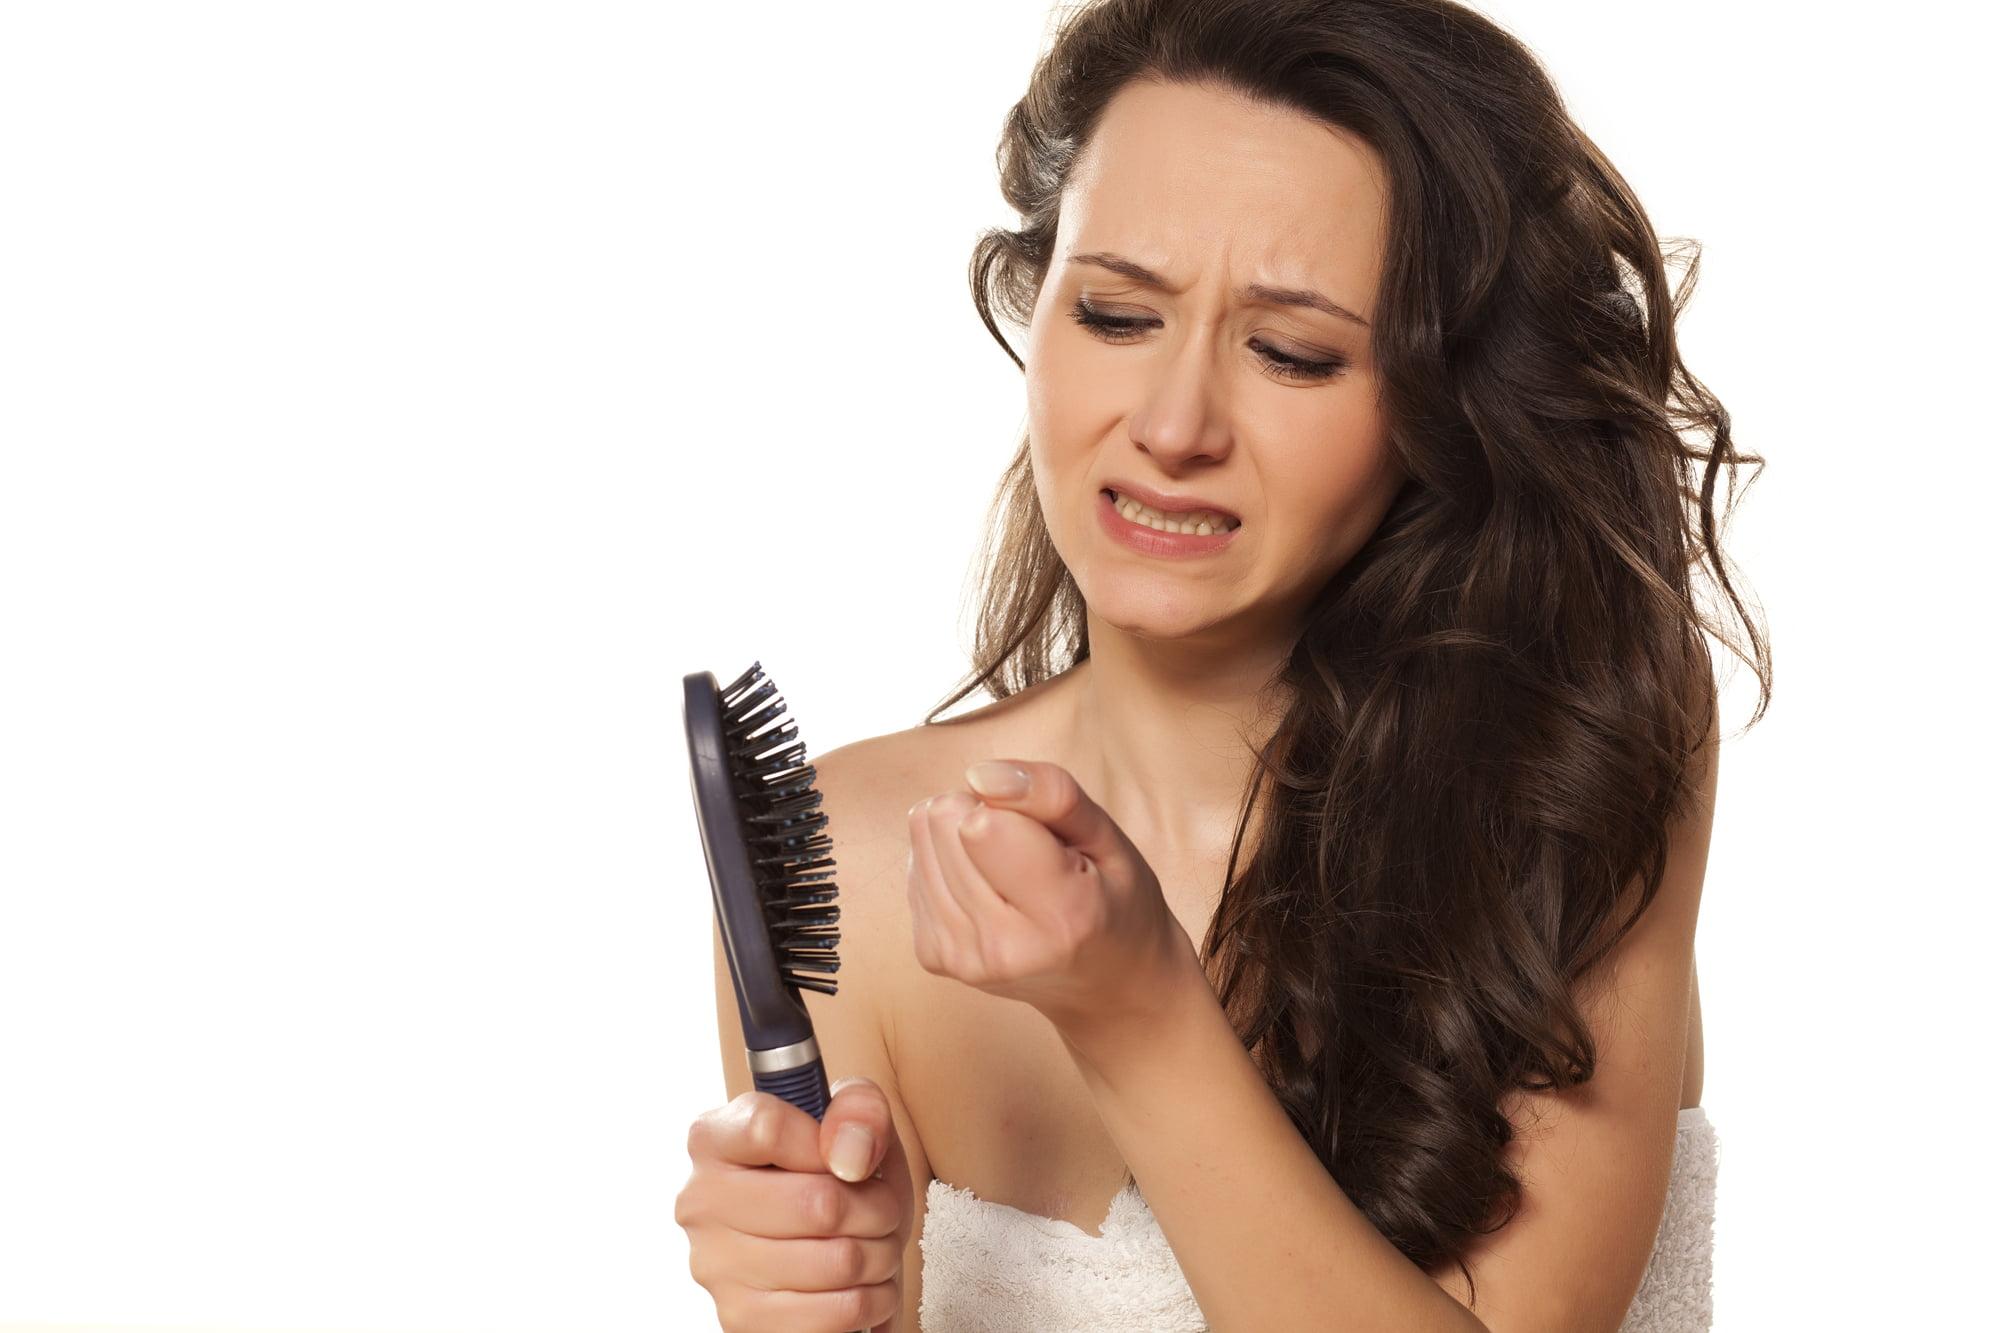 Дефицит каких витаминов приводит к выпадению волос